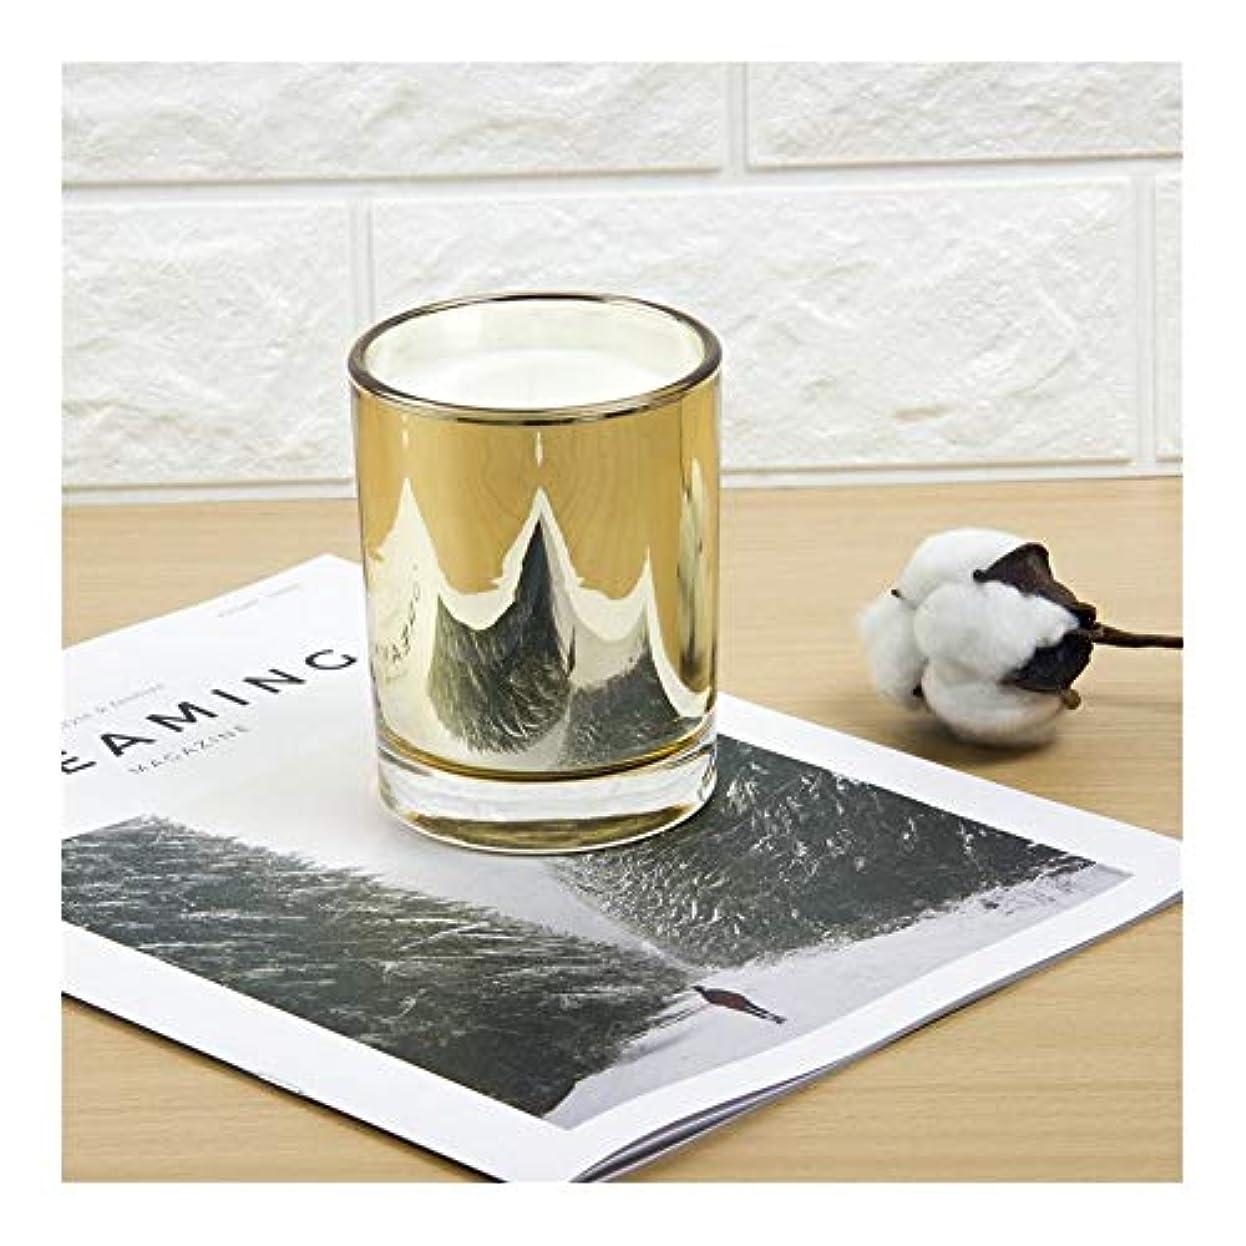 充実モディッシュふけるACAO ゴールドカップキャンドル大豆アロマセラピーパーティーキャンドル誕生日プレゼント植物キャンドル